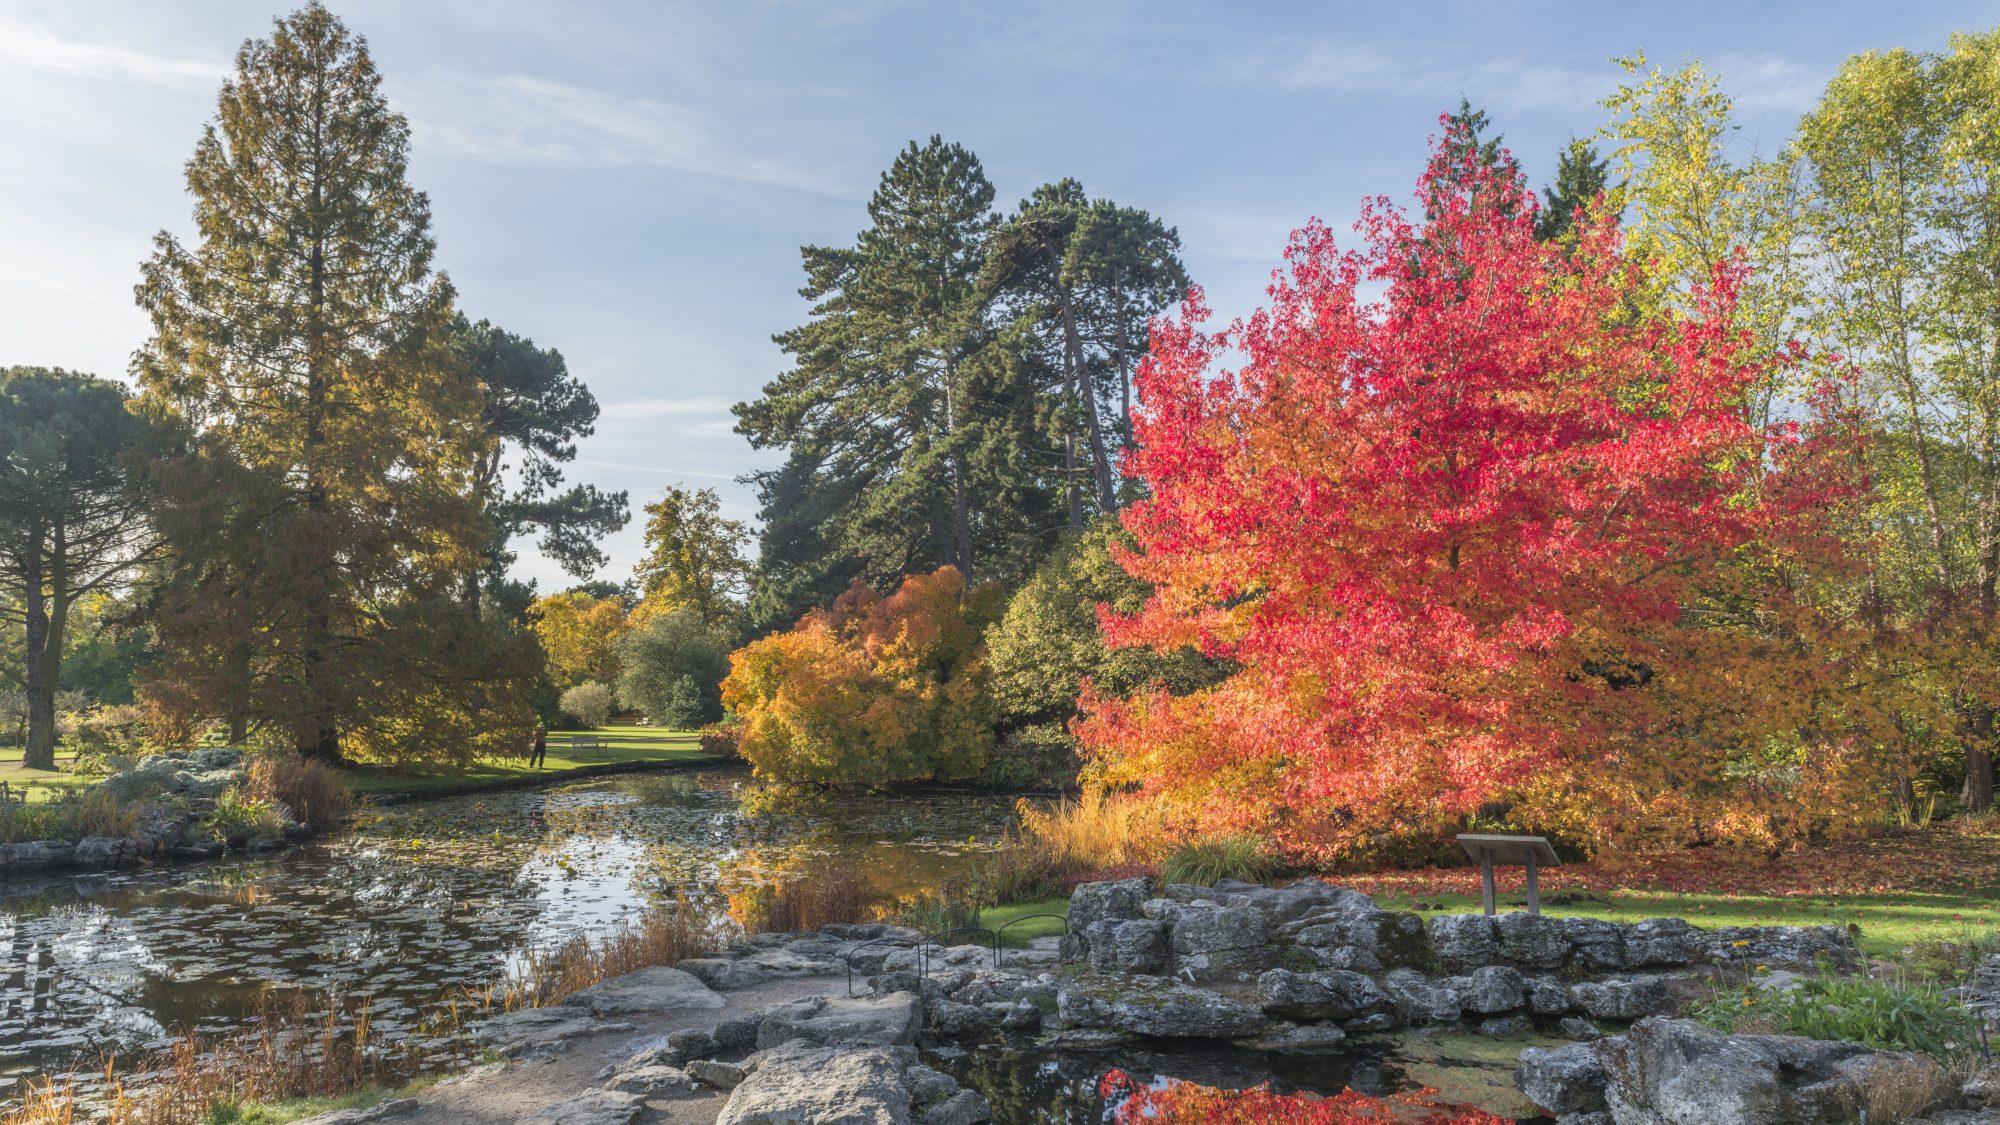 Autumn colours in the Rock garden.